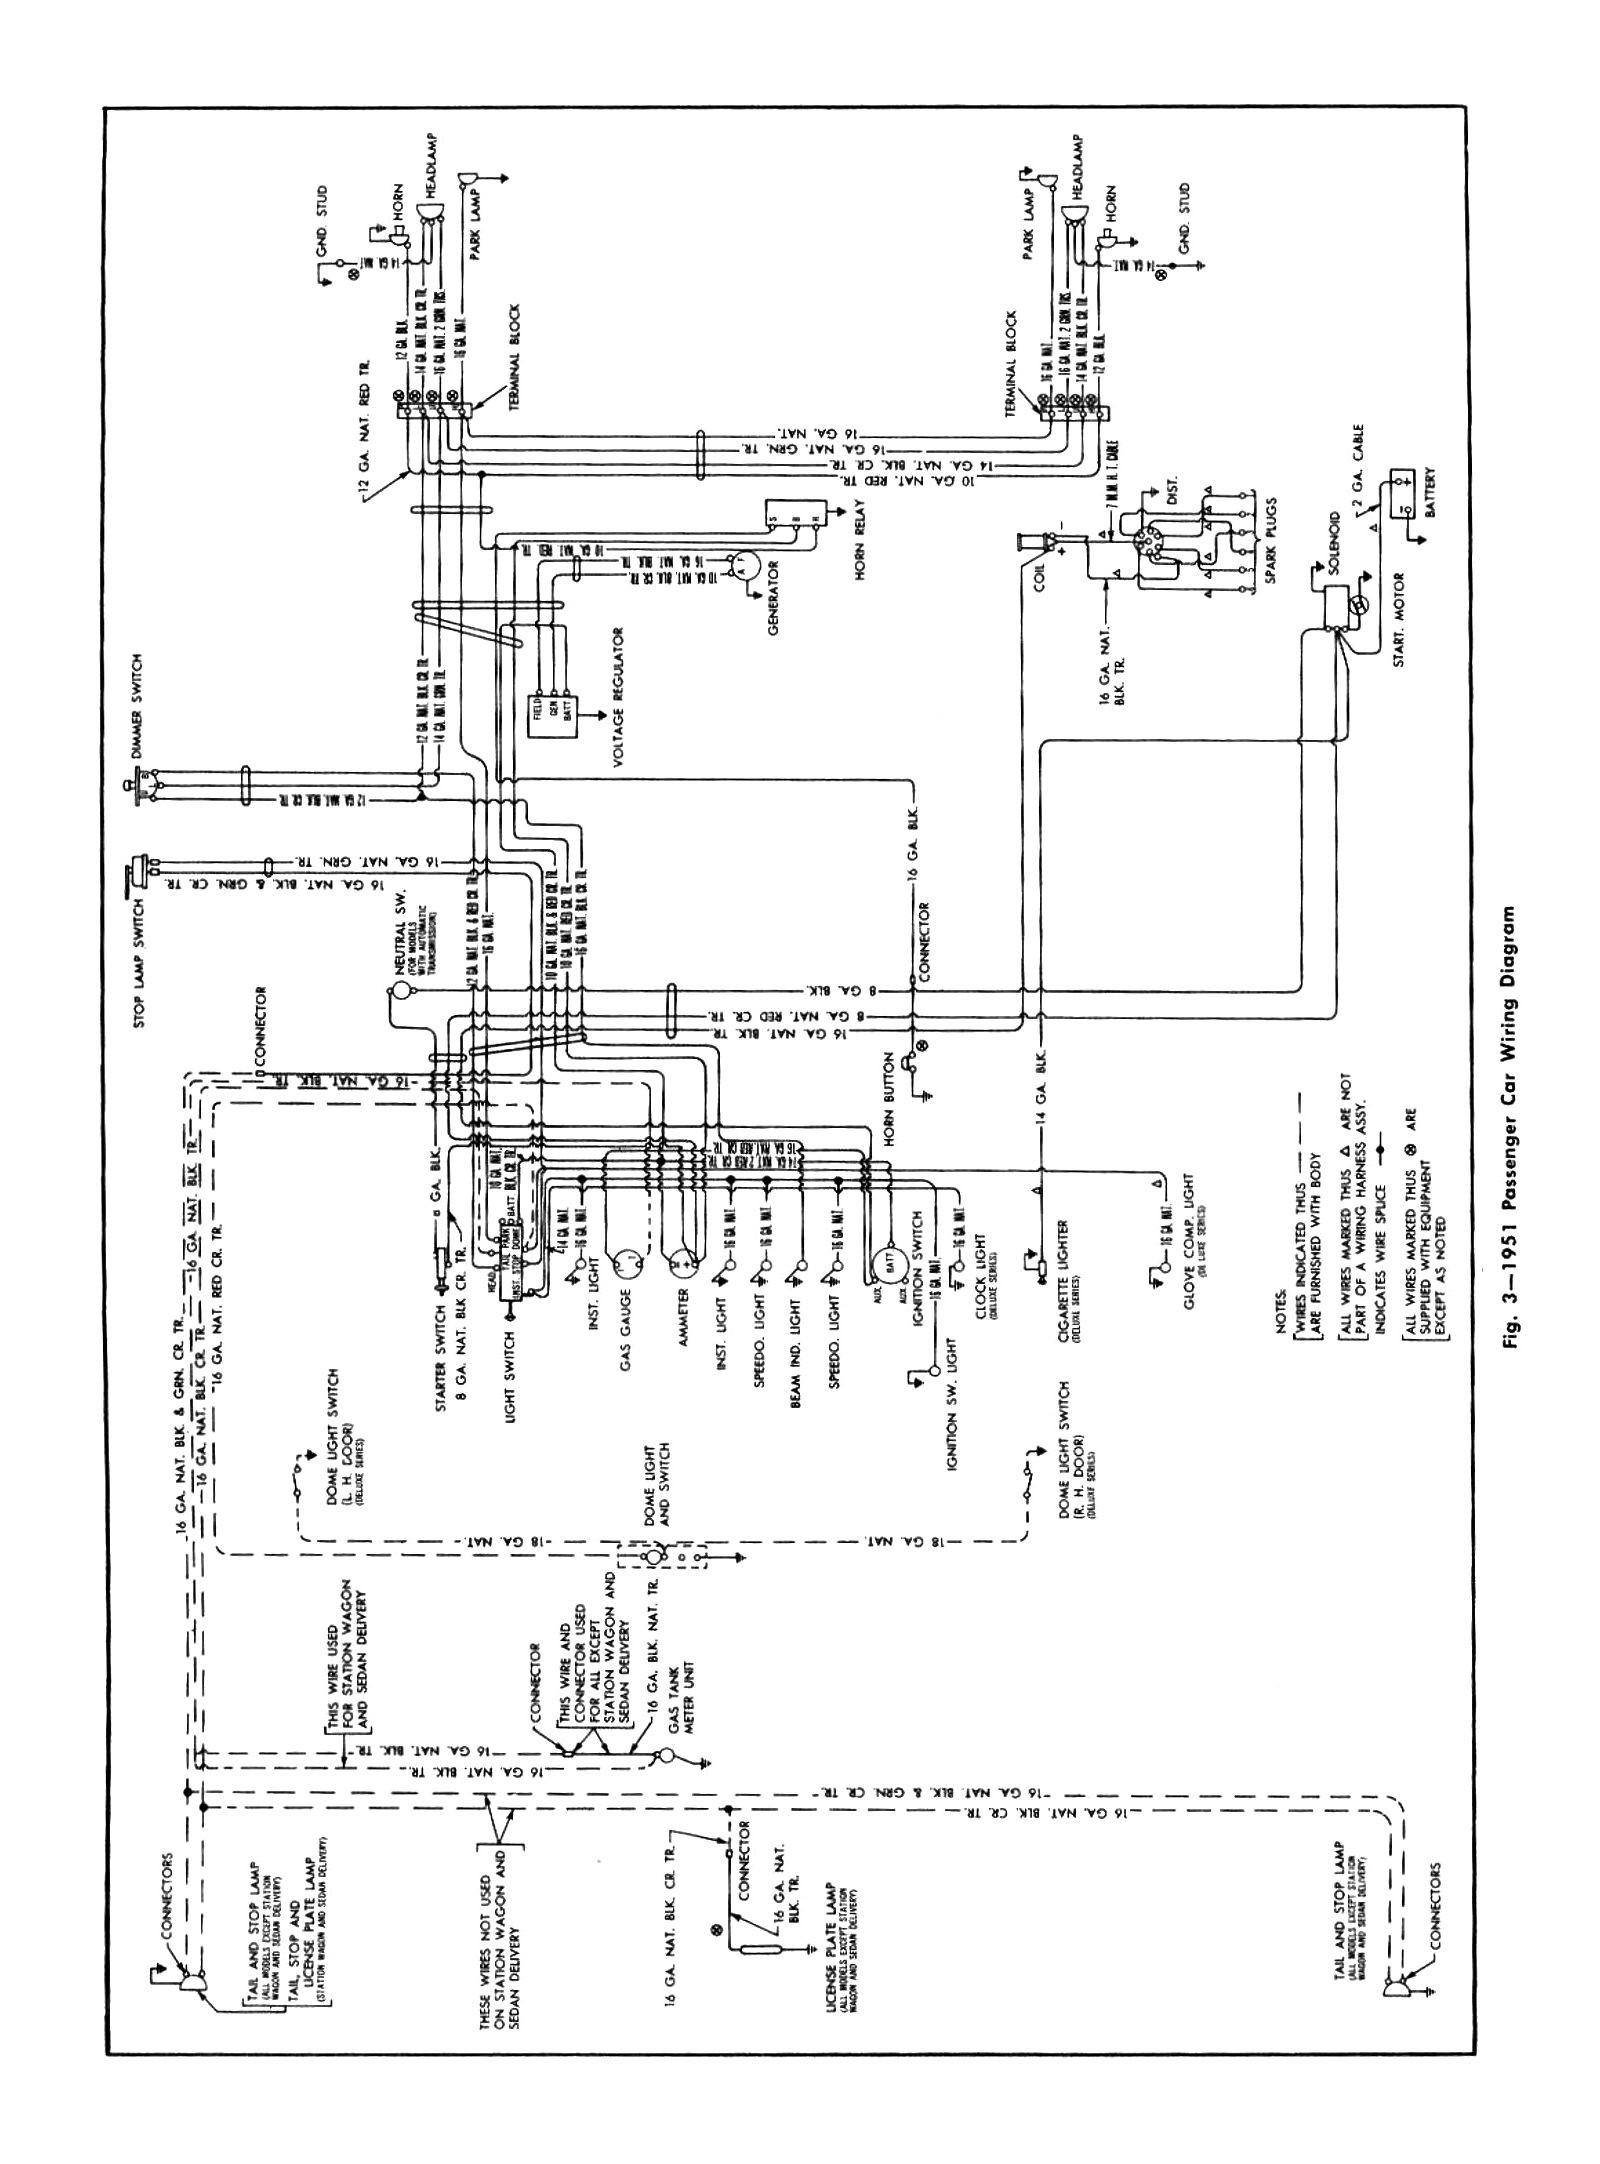 Wiring Diagram For A Club Car